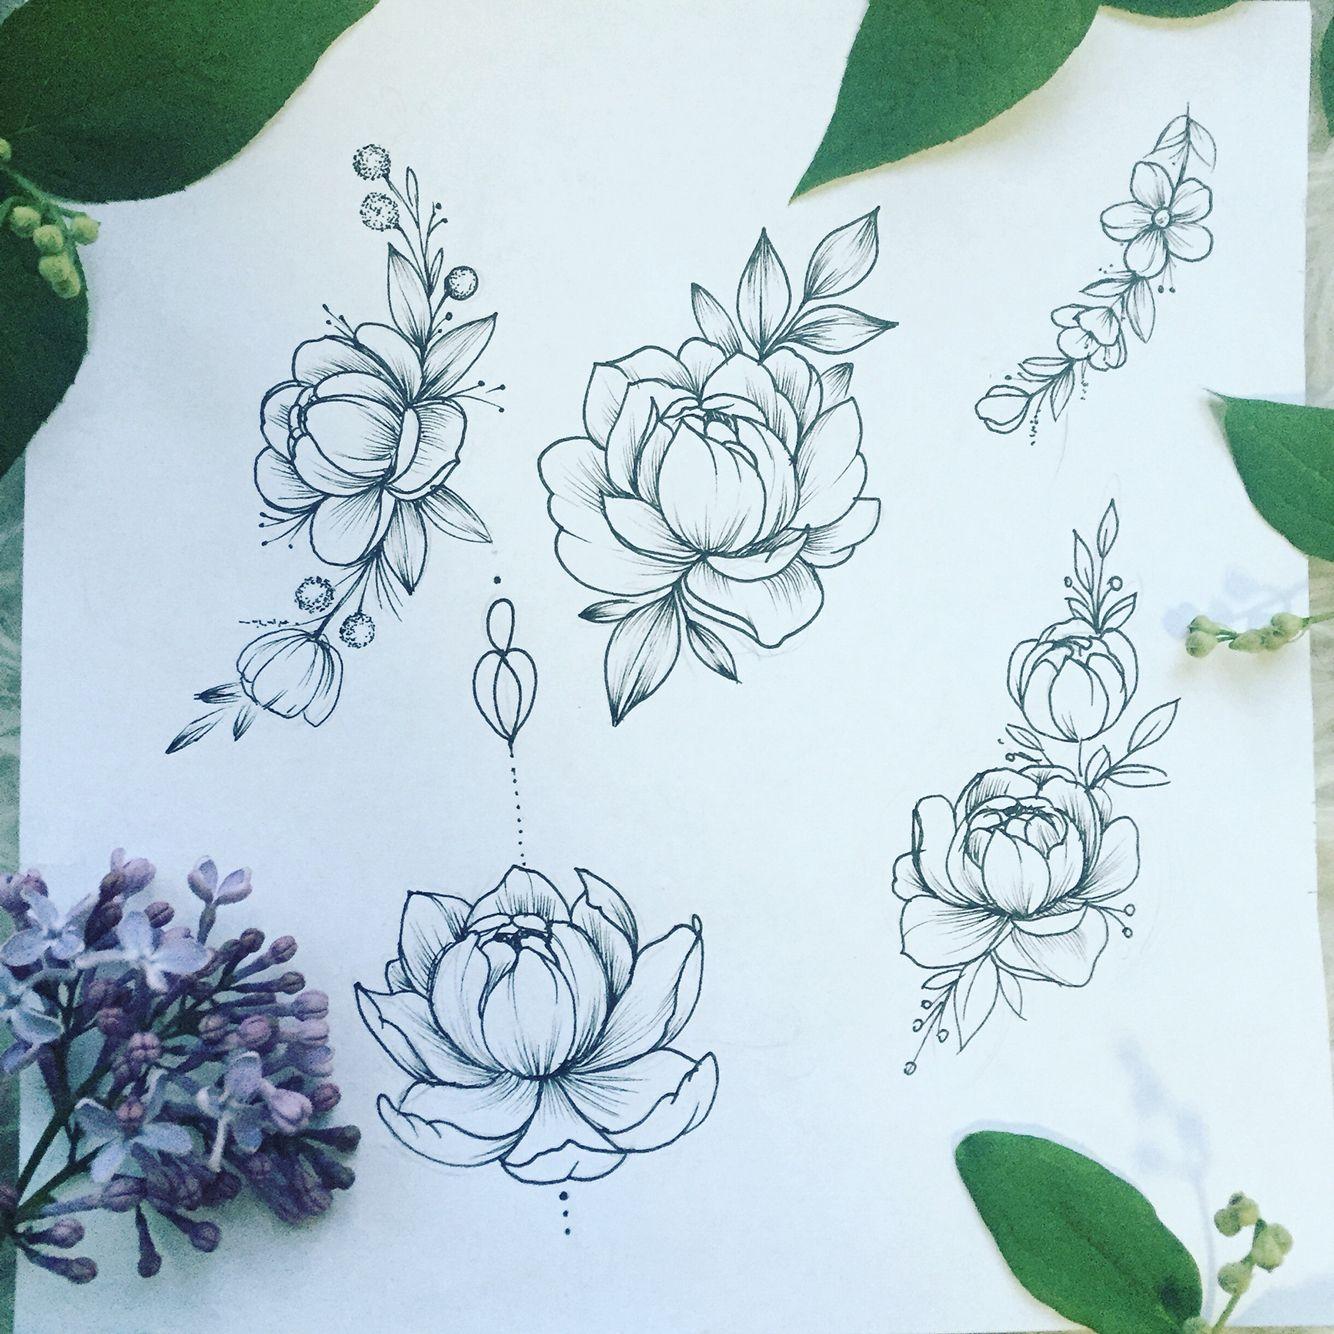 #peonies#tattoo#sketch#draw